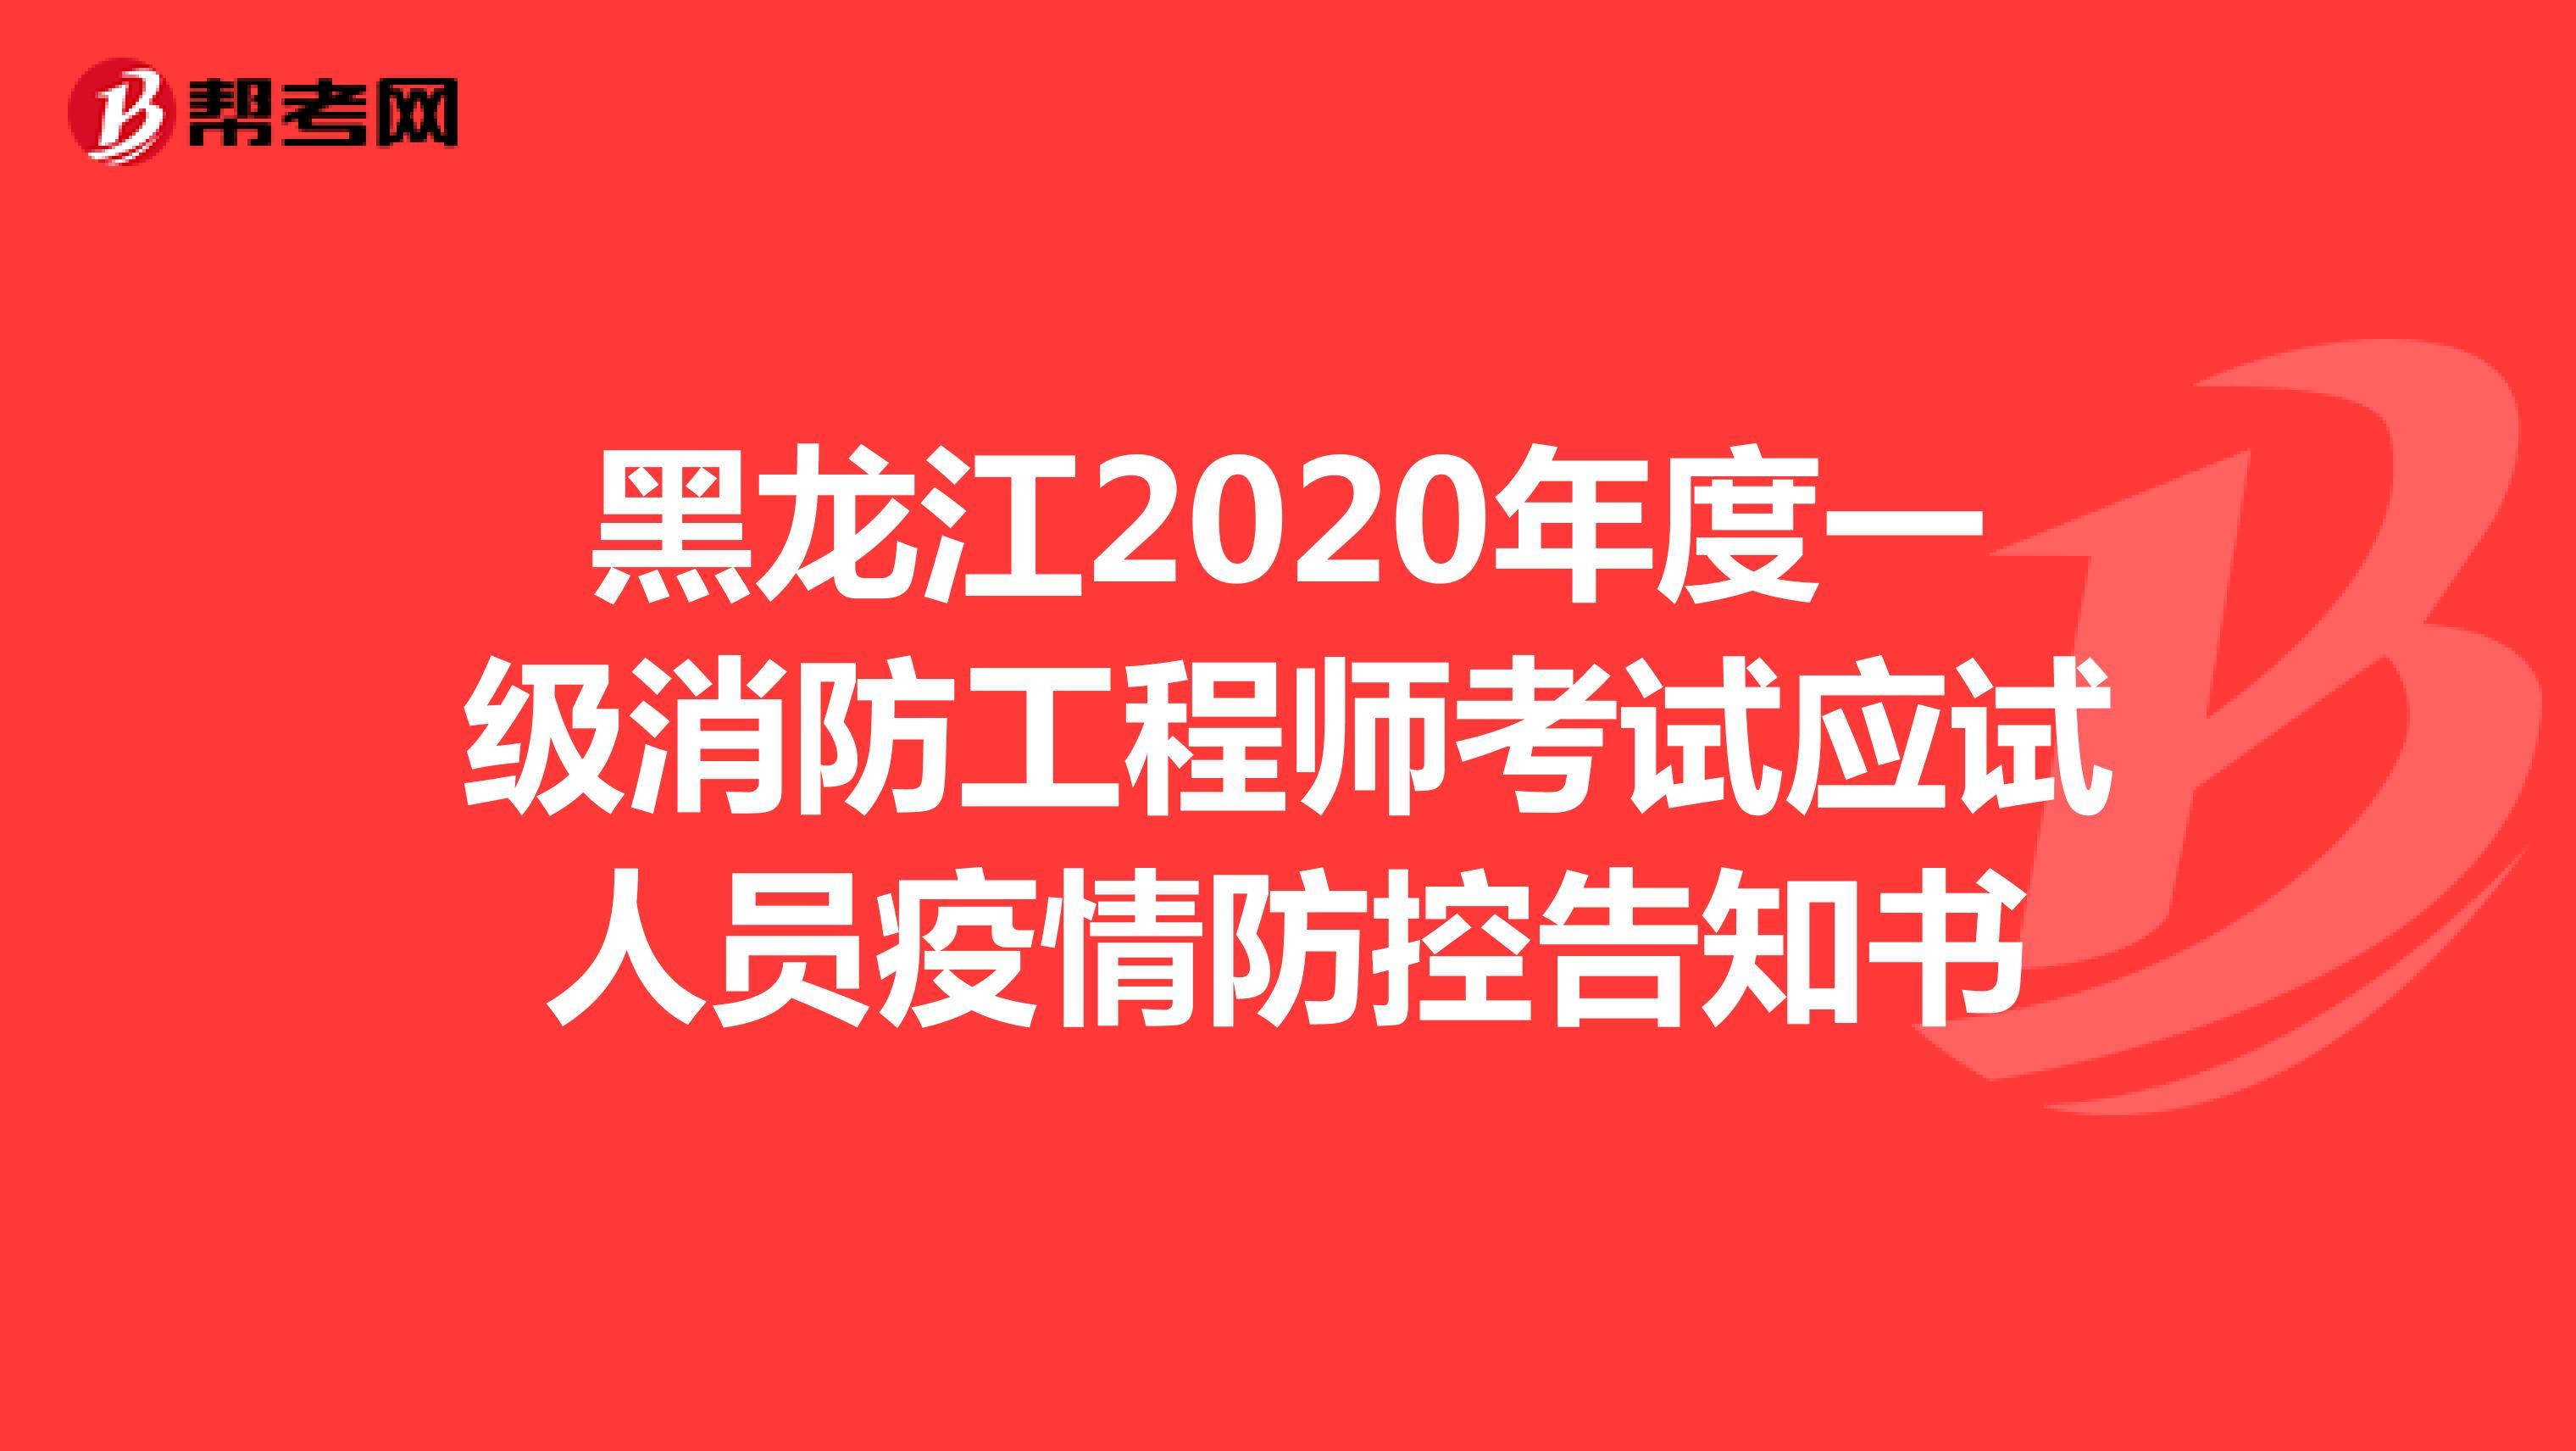 黑龙江2020年度一级消防工程师考试应试人员疫情防控告知书